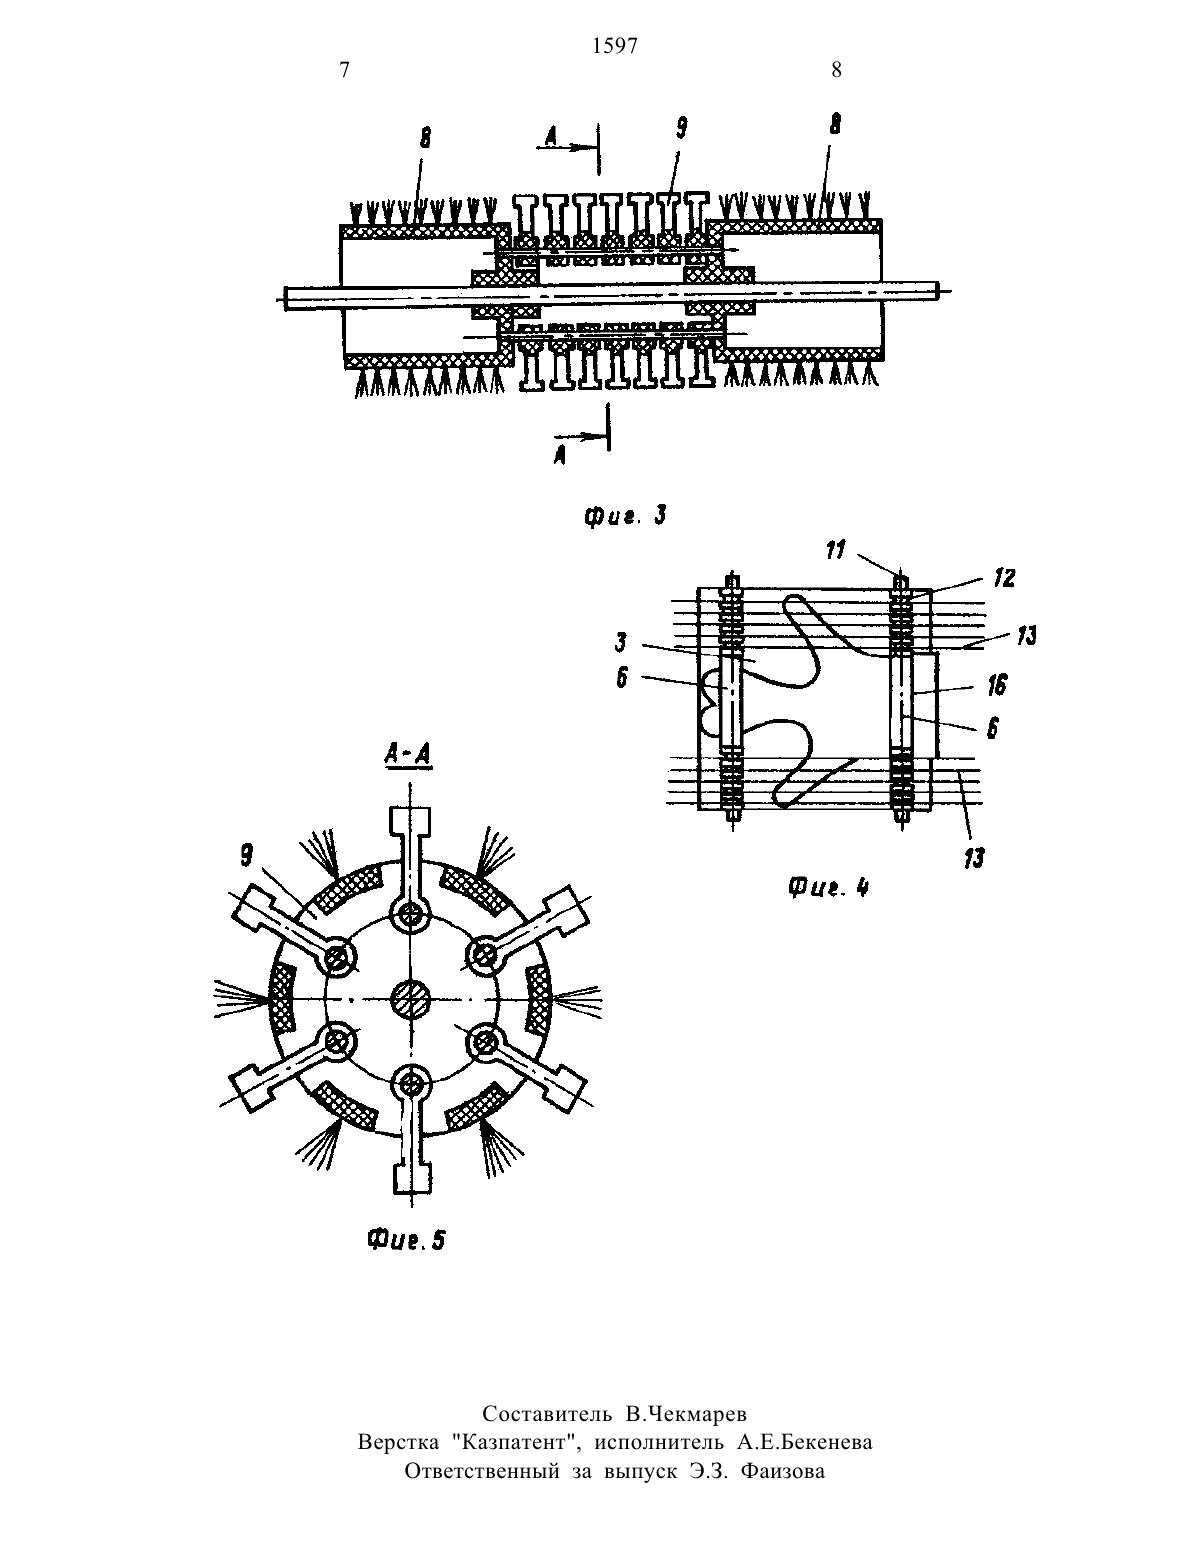 База транспортера панель на транспортер т4